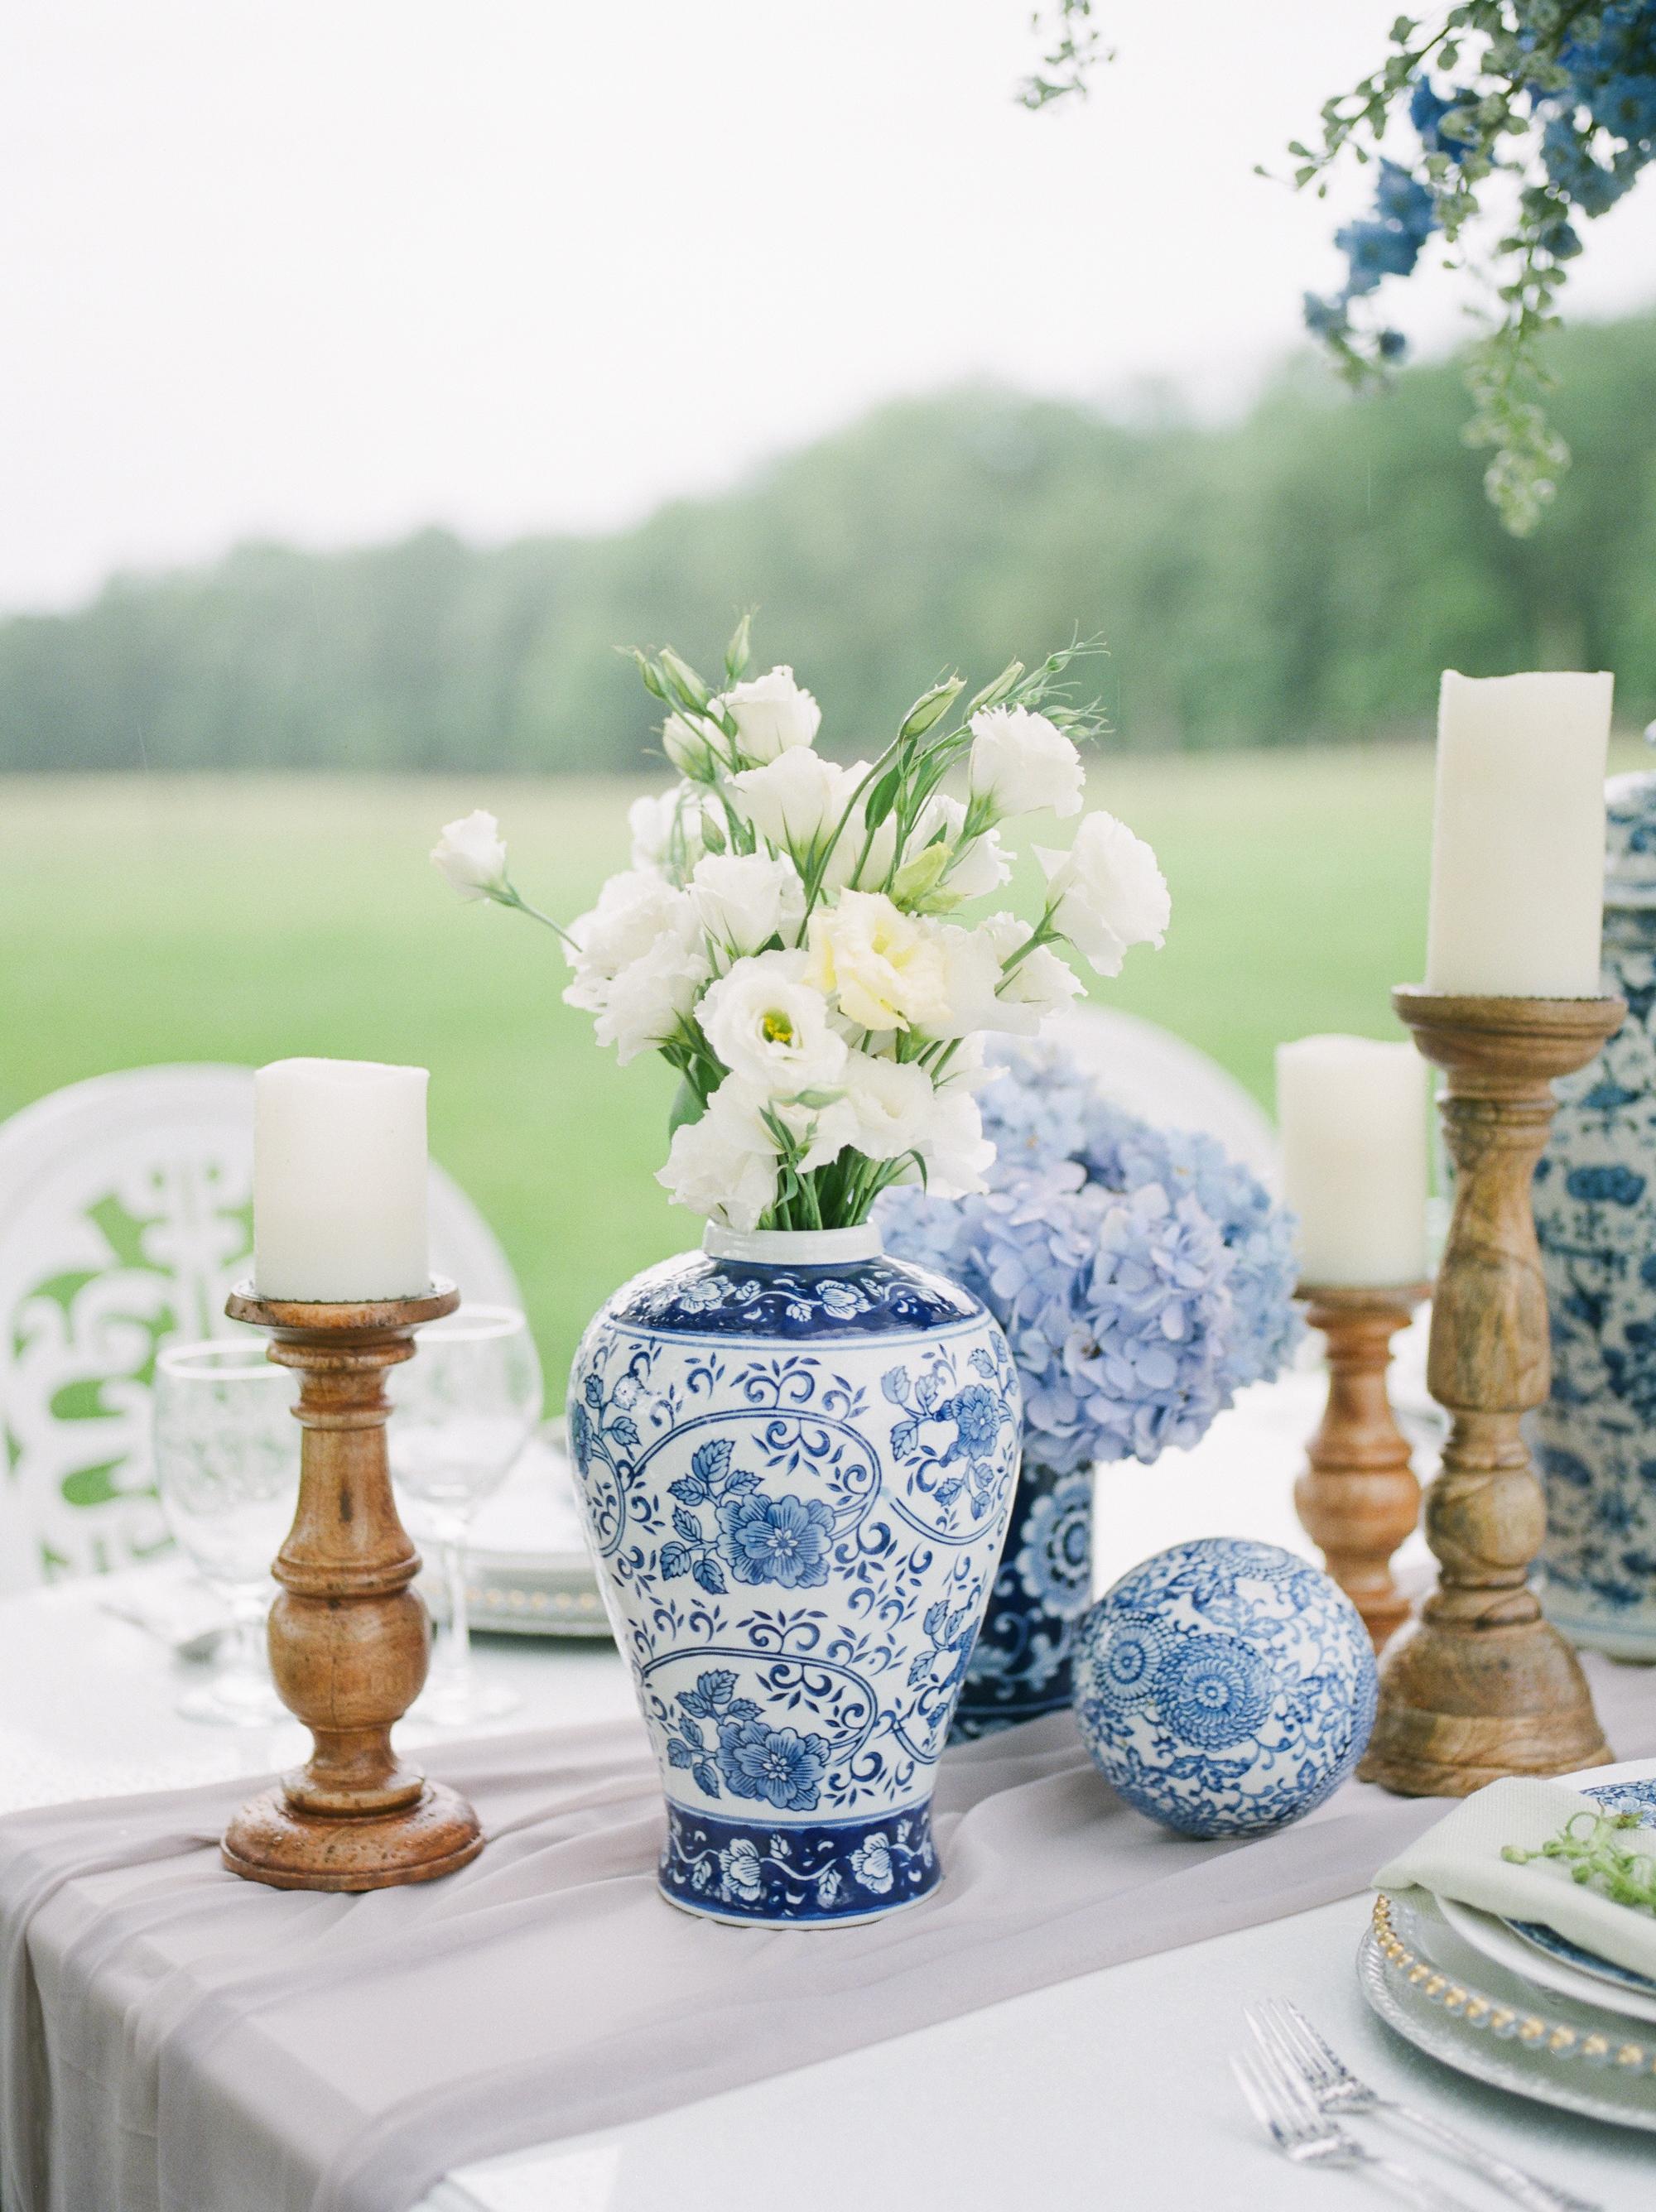 nj_alpaca-farm_wedding_inspiration-9.jpg